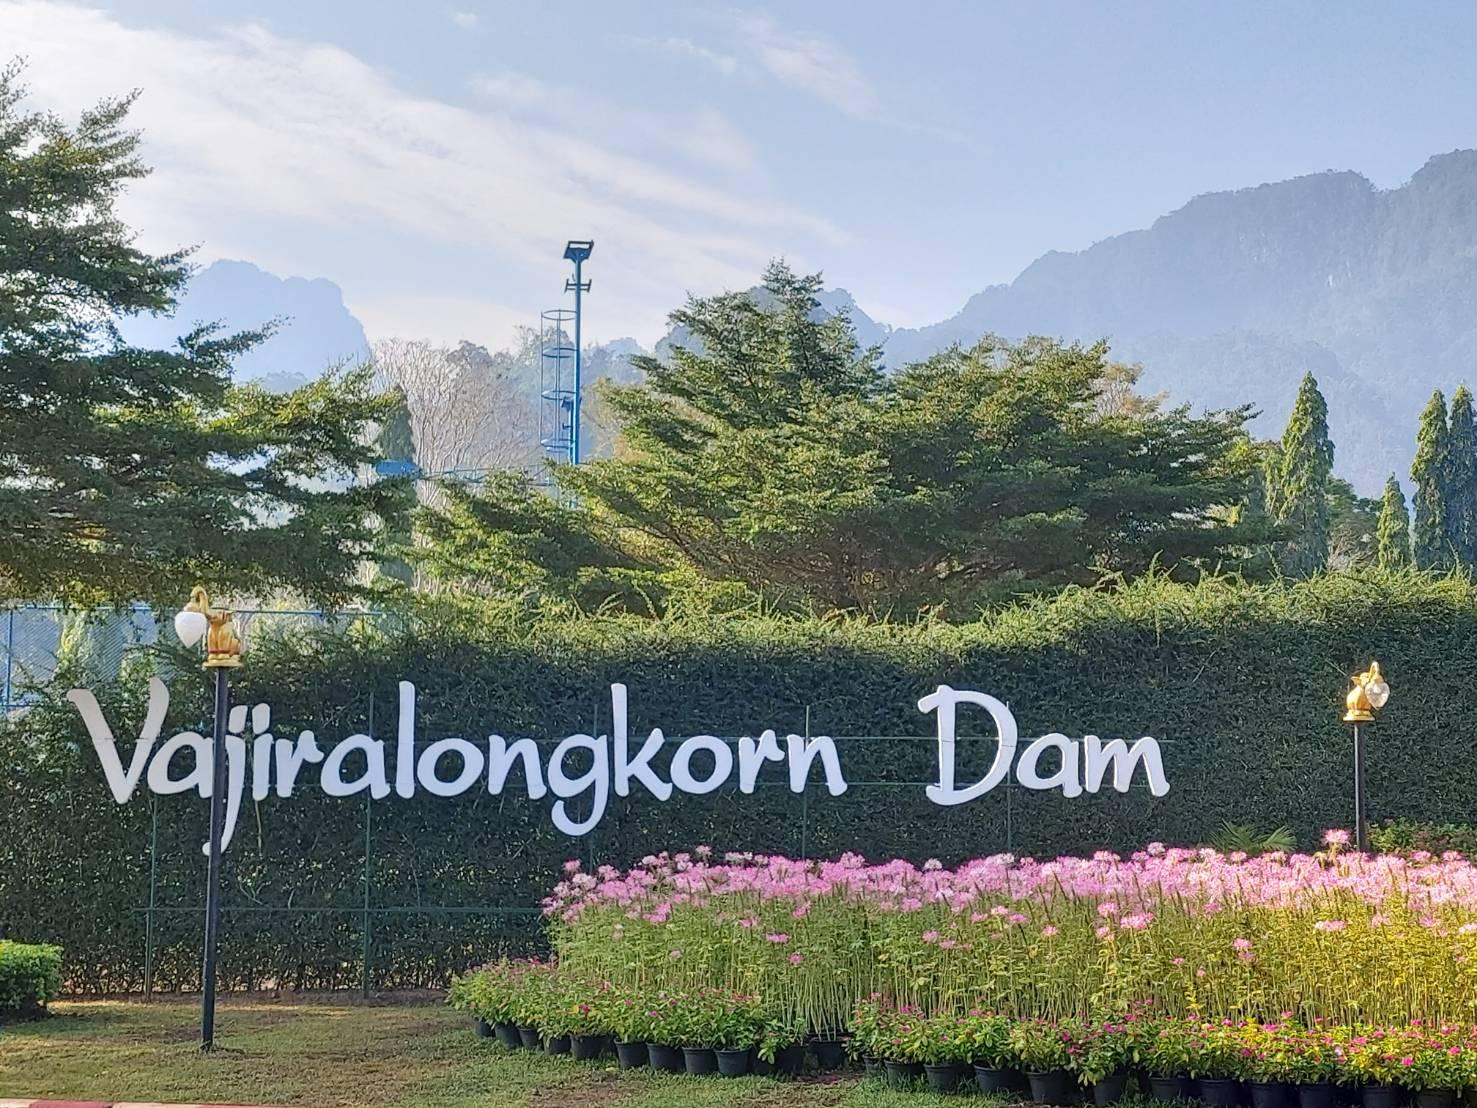 Vajiralongkorn Dam1.jpg